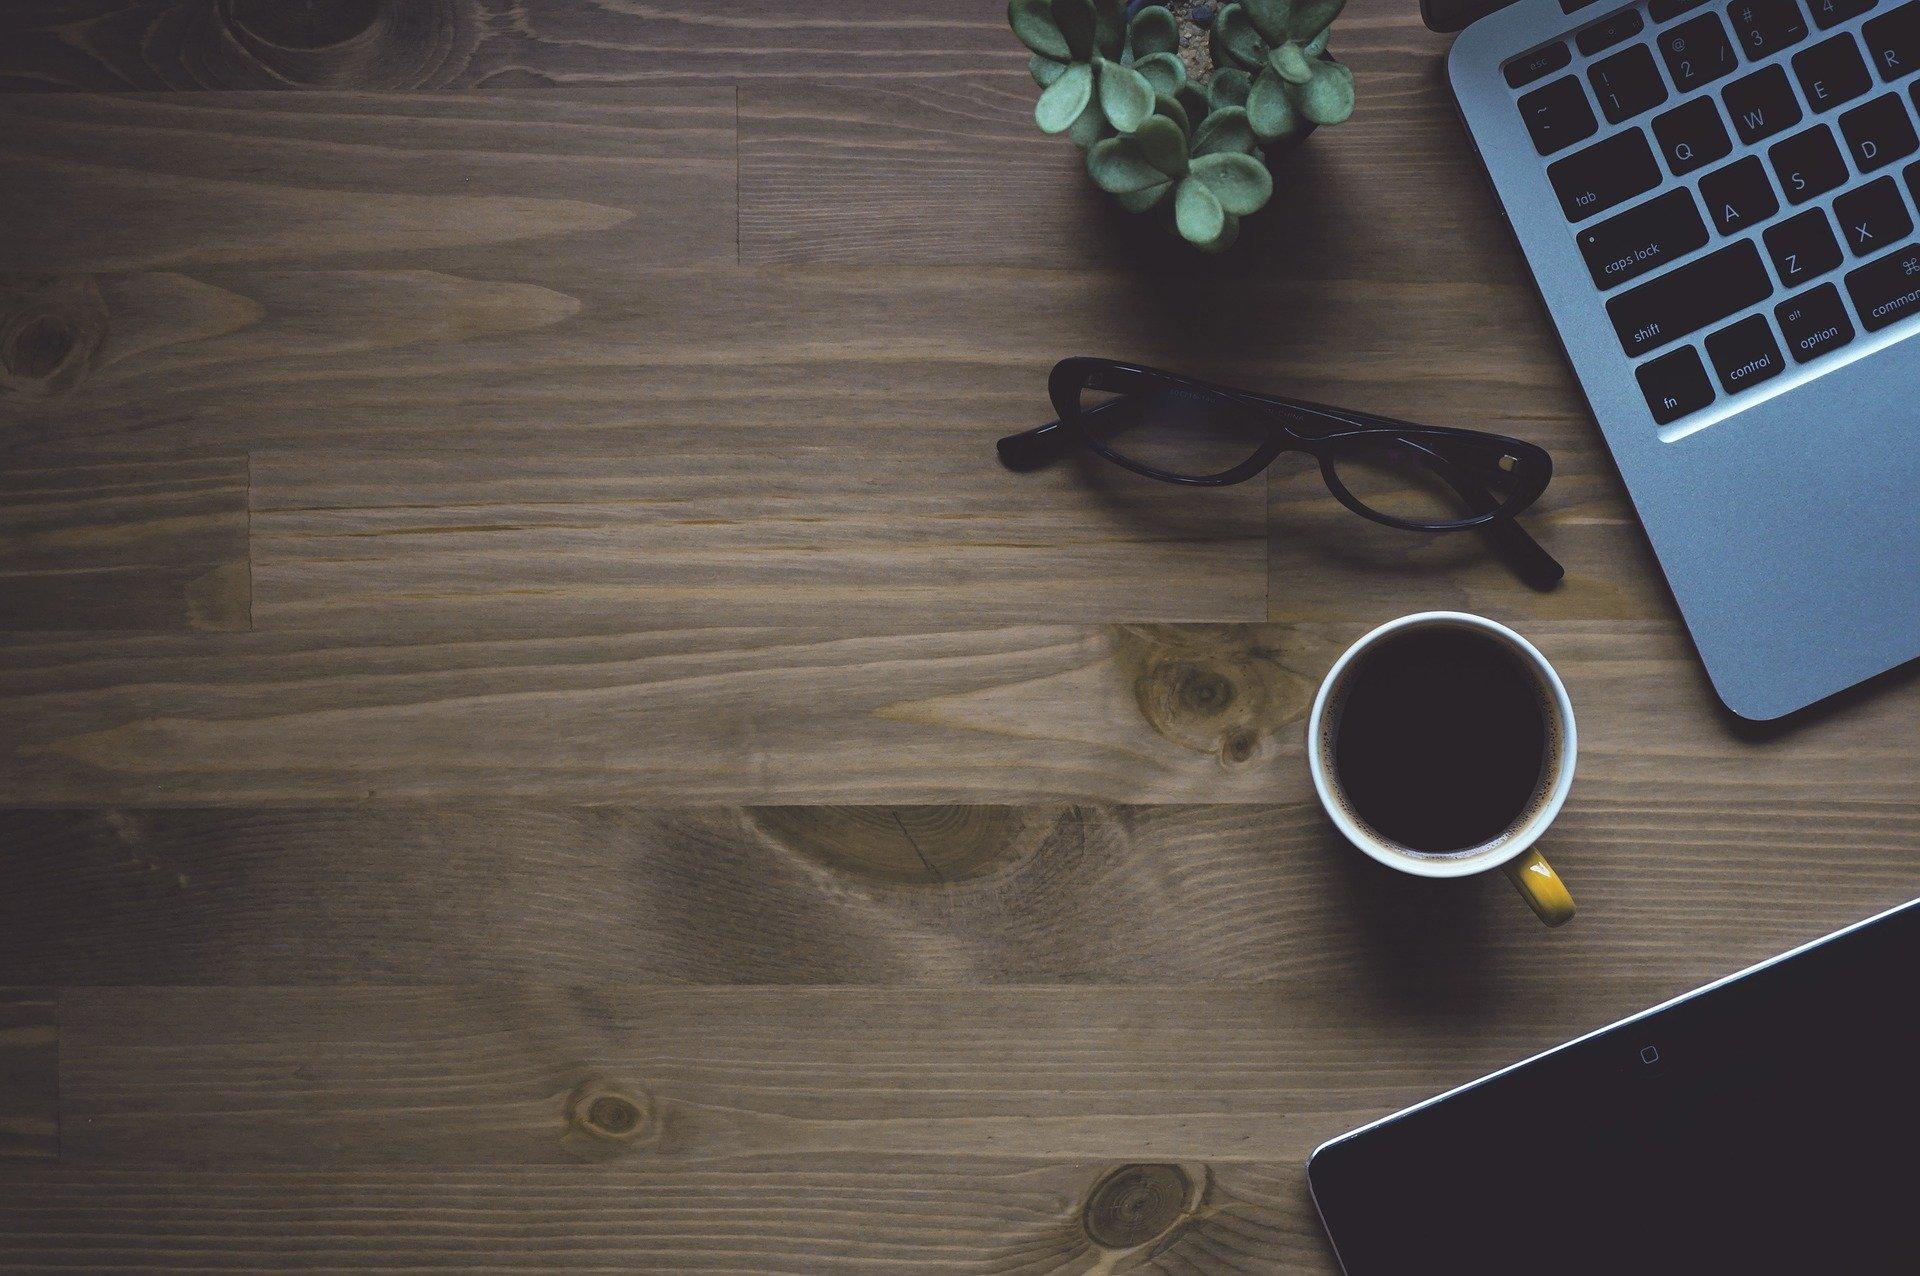 Computer og Kaffe